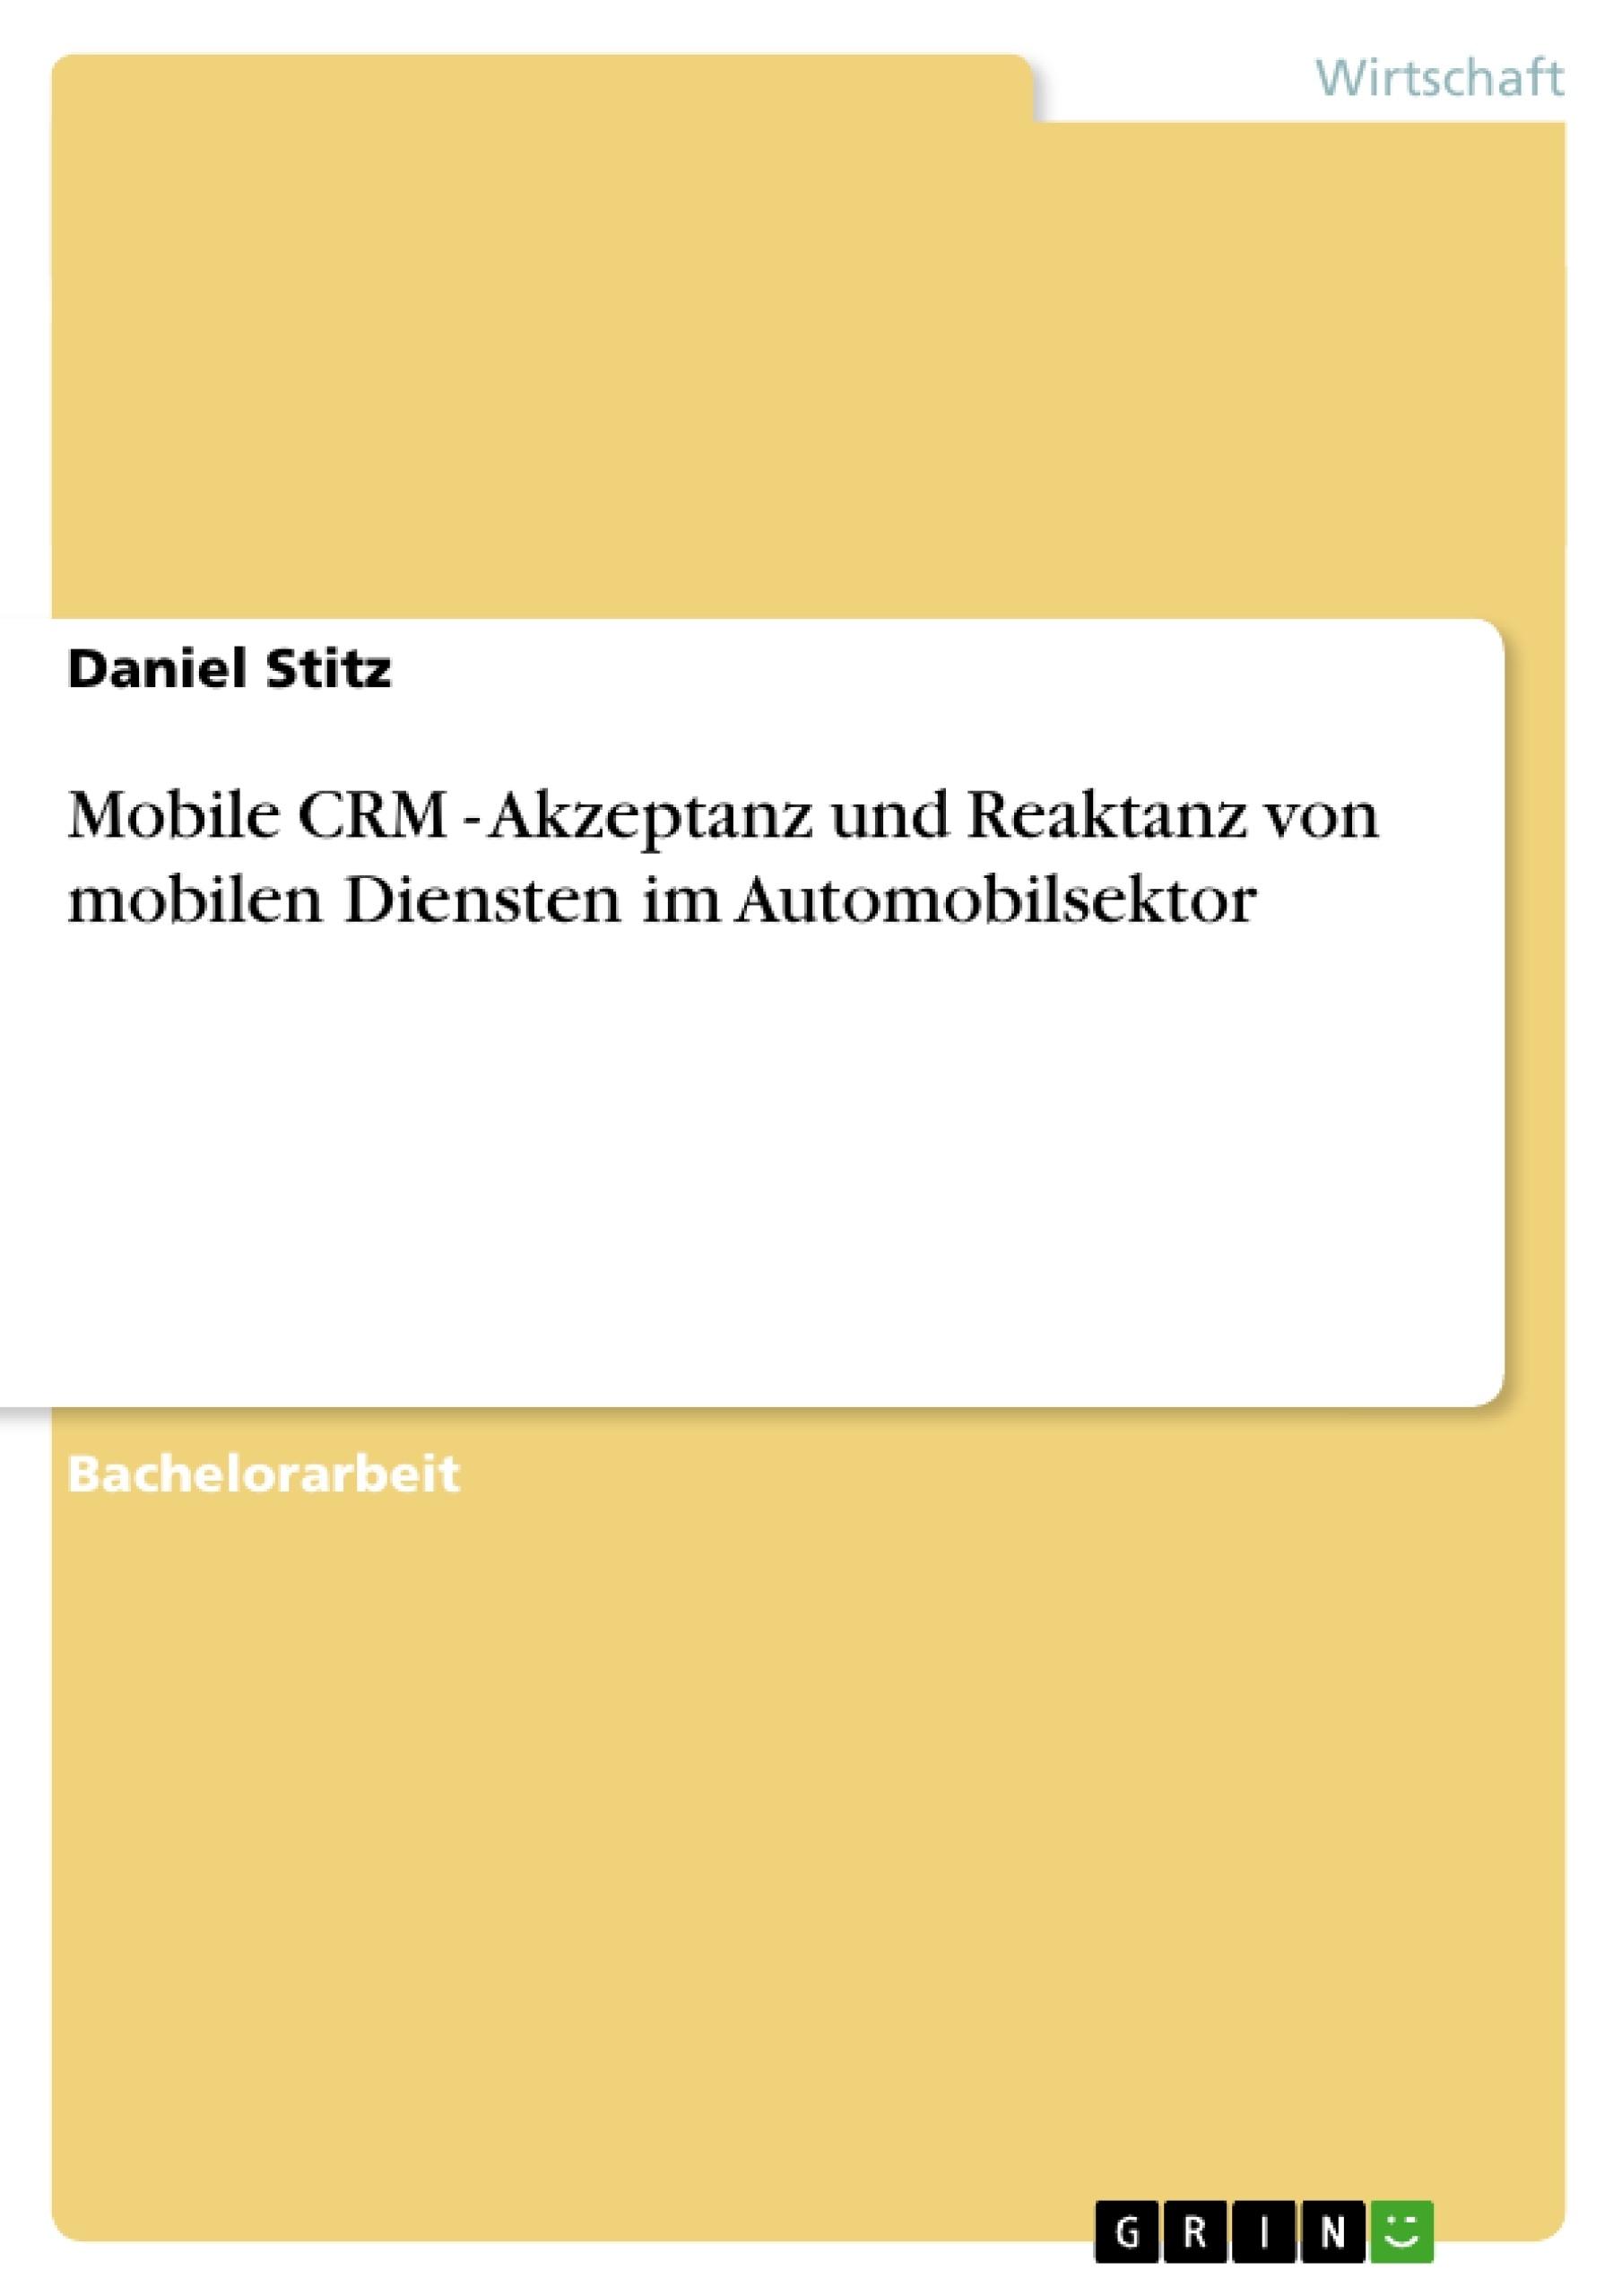 Titel: Mobile CRM - Akzeptanz und Reaktanz von mobilen Diensten im Automobilsektor